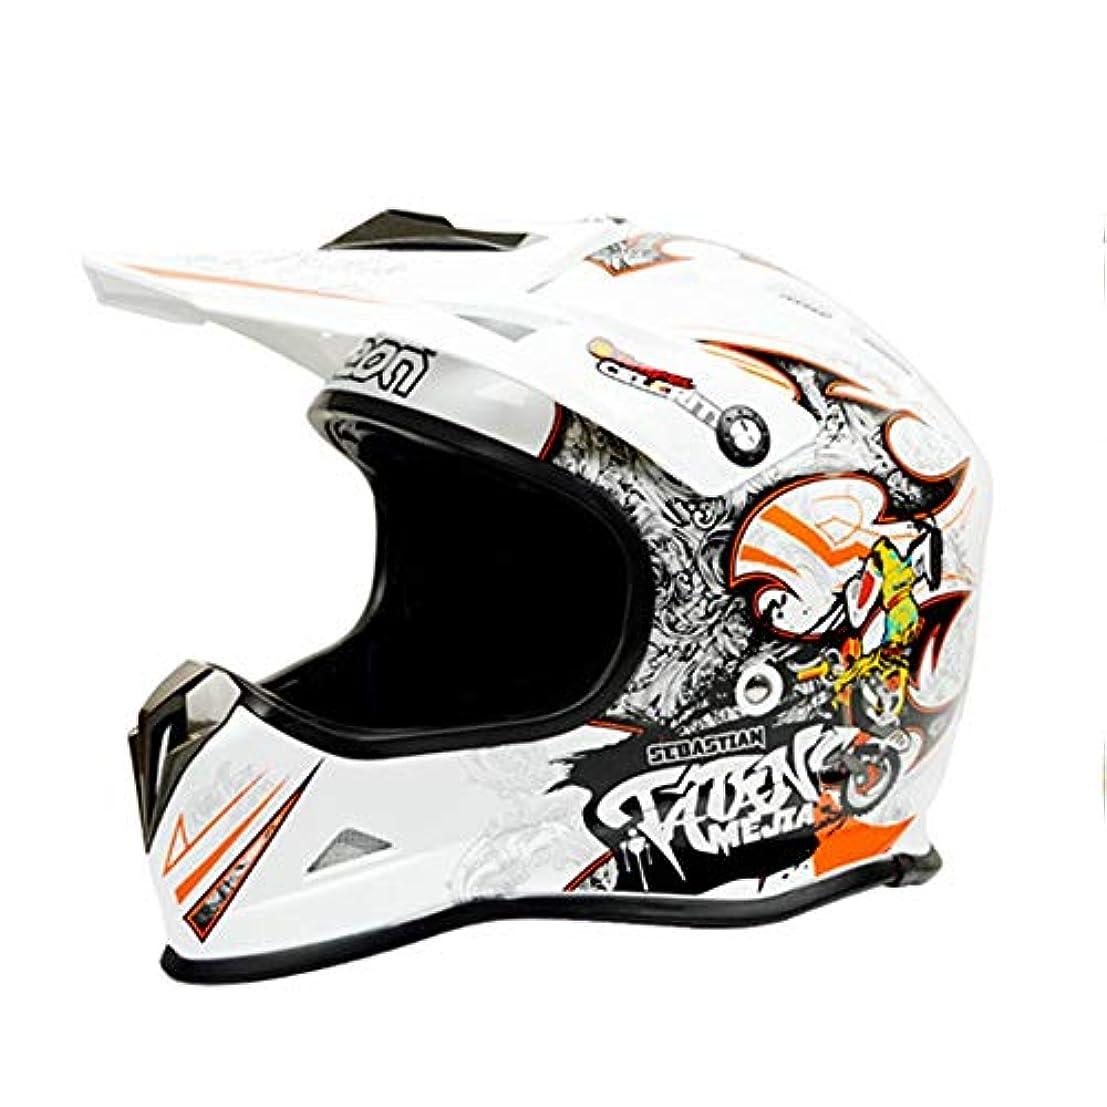 縁石第五セールスマンZXF モトクロスヘルメットモトクロスヘルメットオートバイオフロードヘルメットロードラリーヘルメットアウトドアレーシングヘルメットマウンテンバイクヘルメット - 人格パターン - 白 - オレンジ - 大 安全 (Size : M)